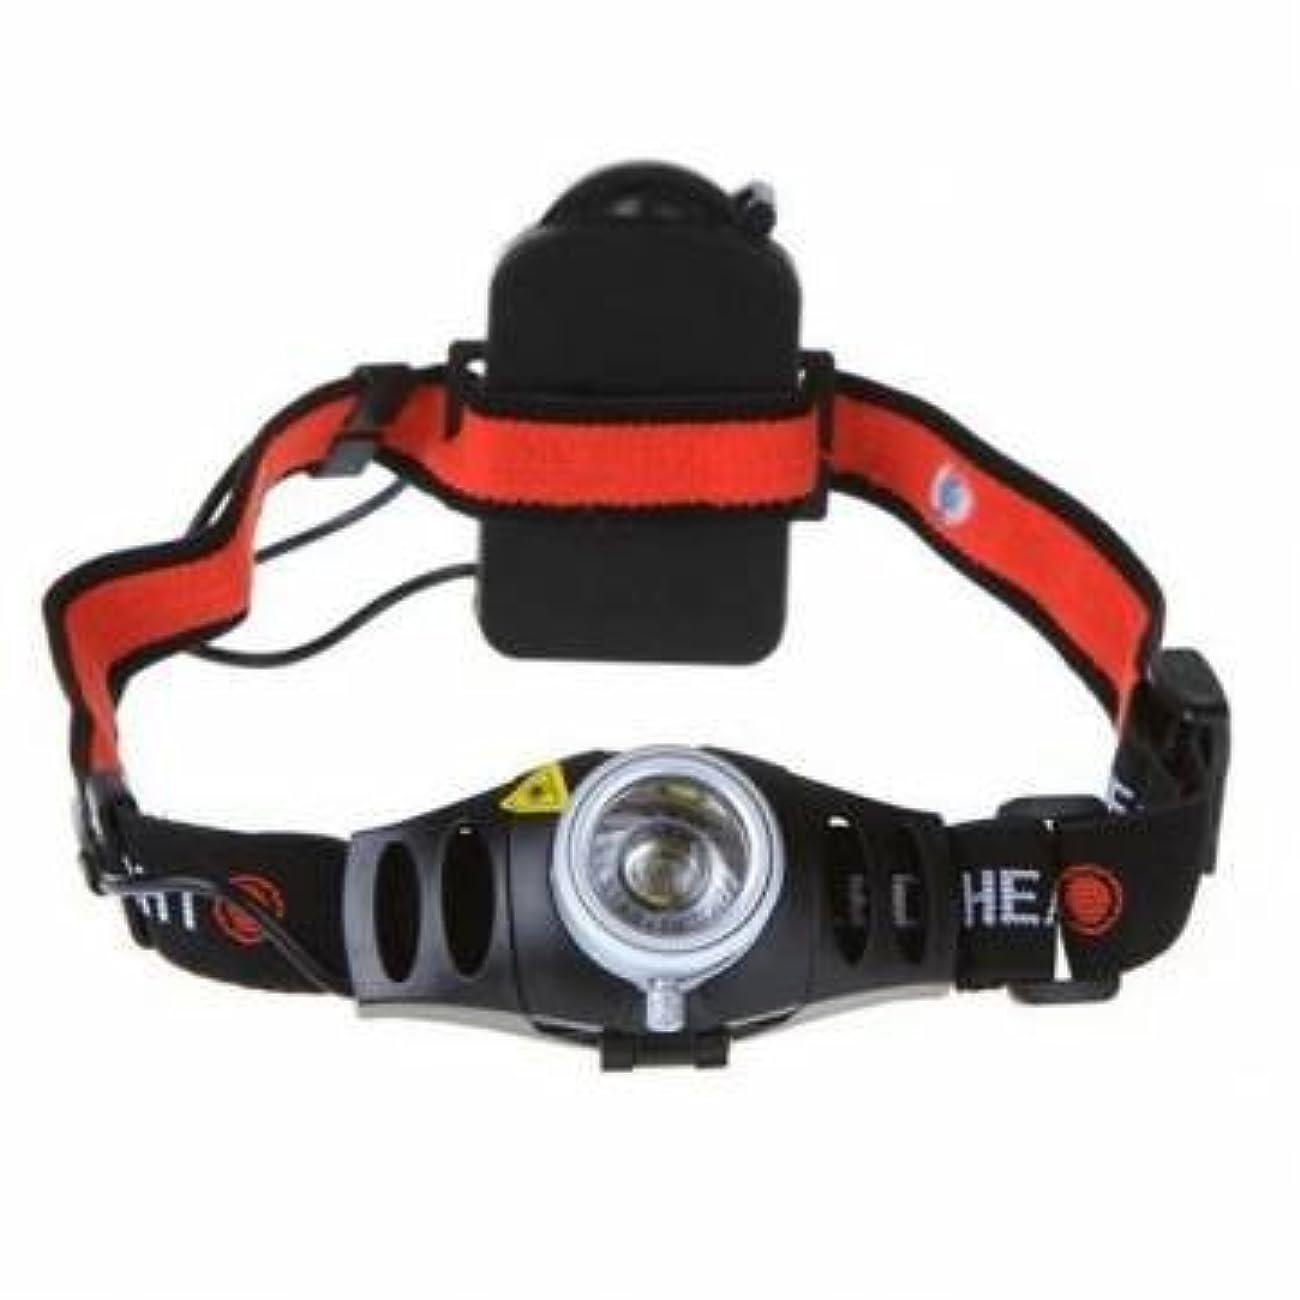 行商編集者統合バイク超高輝度500ルーメンCREE Q5 LEDヘッドランプヘッドライトズーム可能